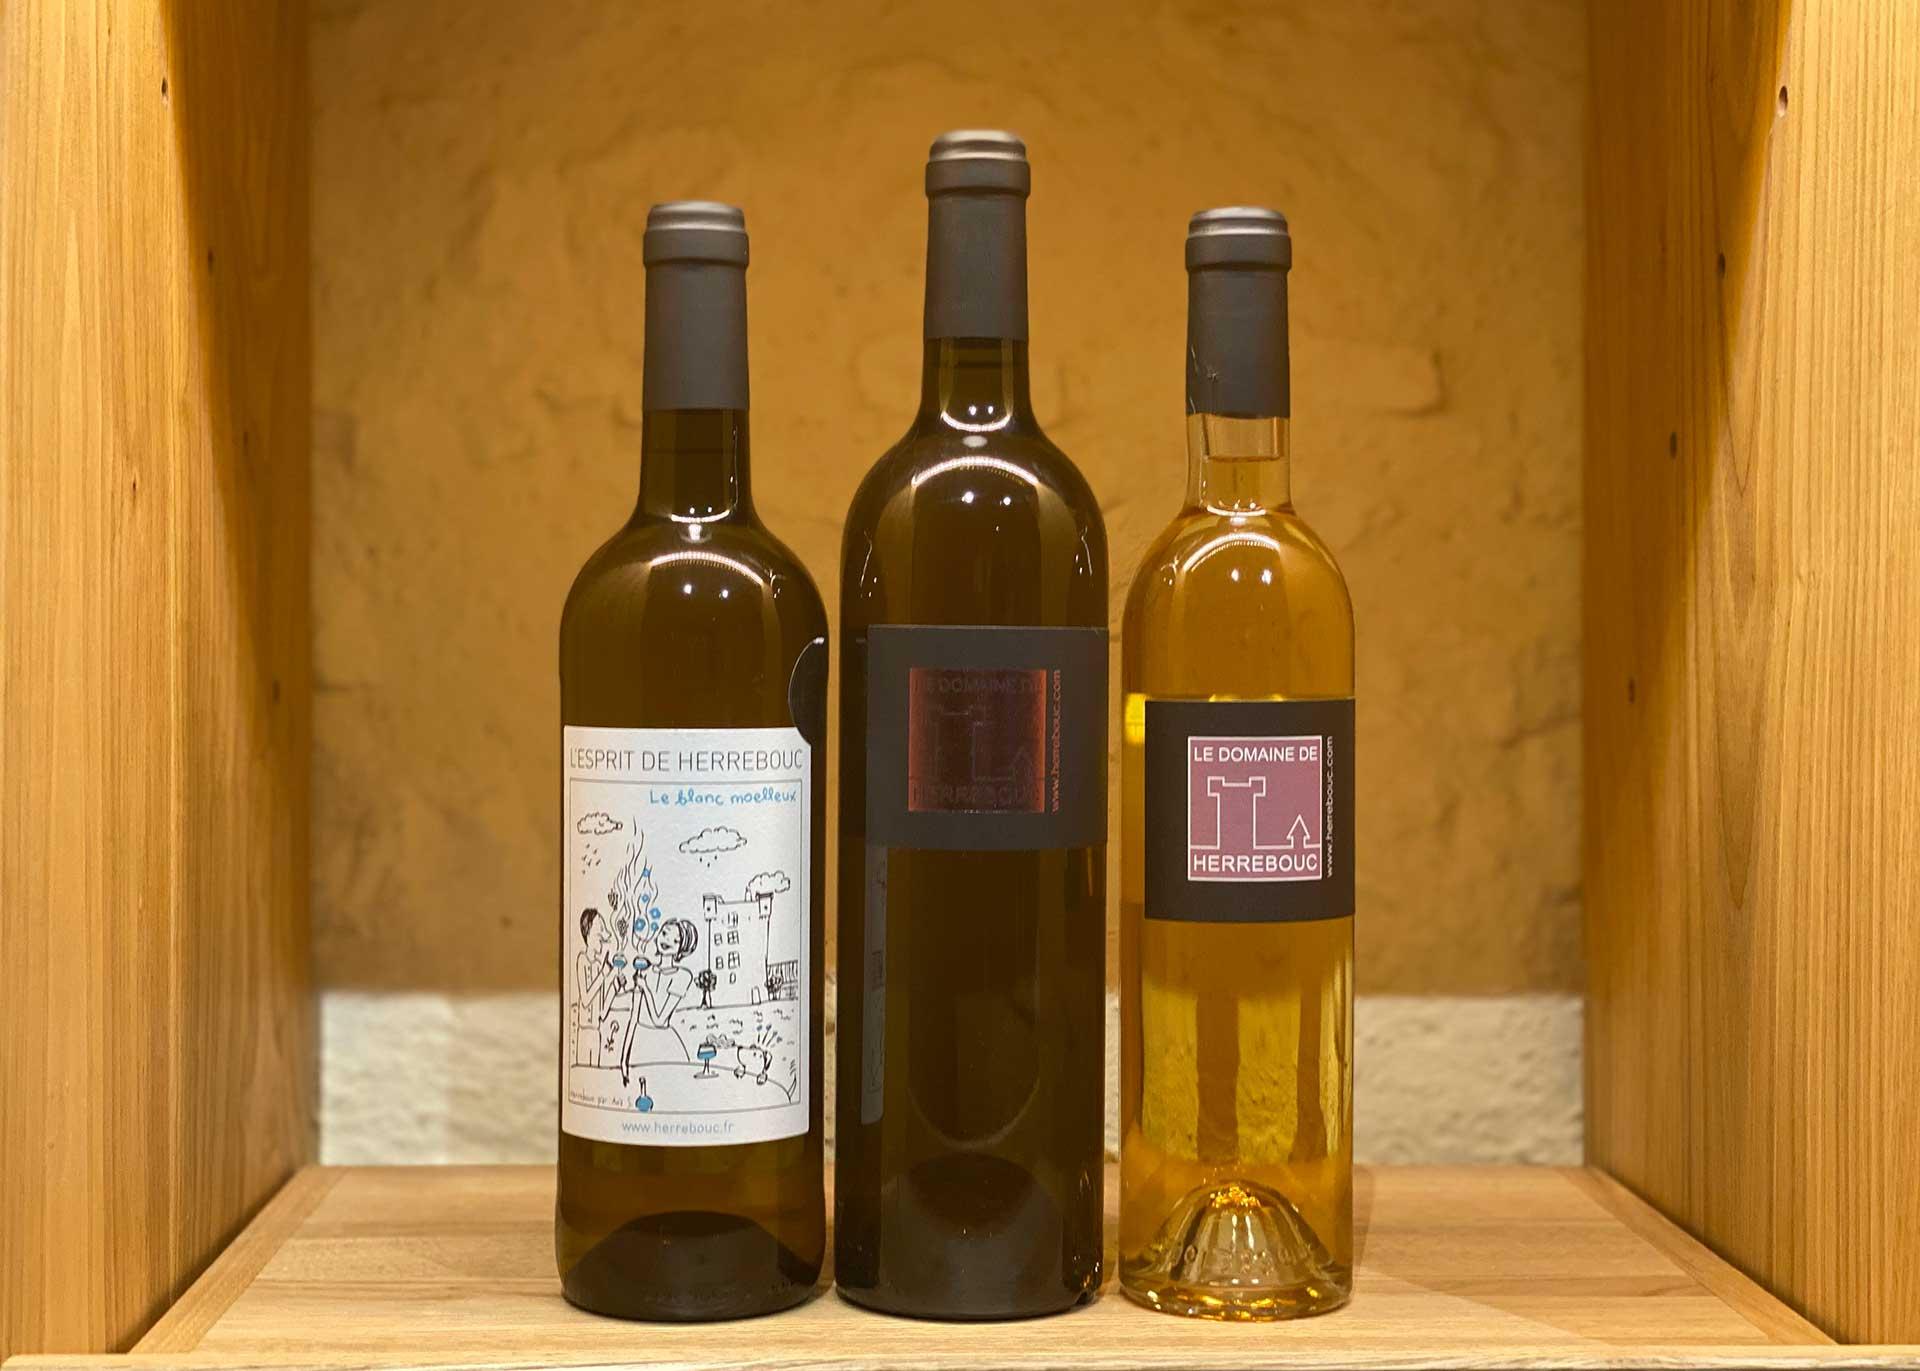 Trio de vins moelleux bio du domaine de Herrebouc